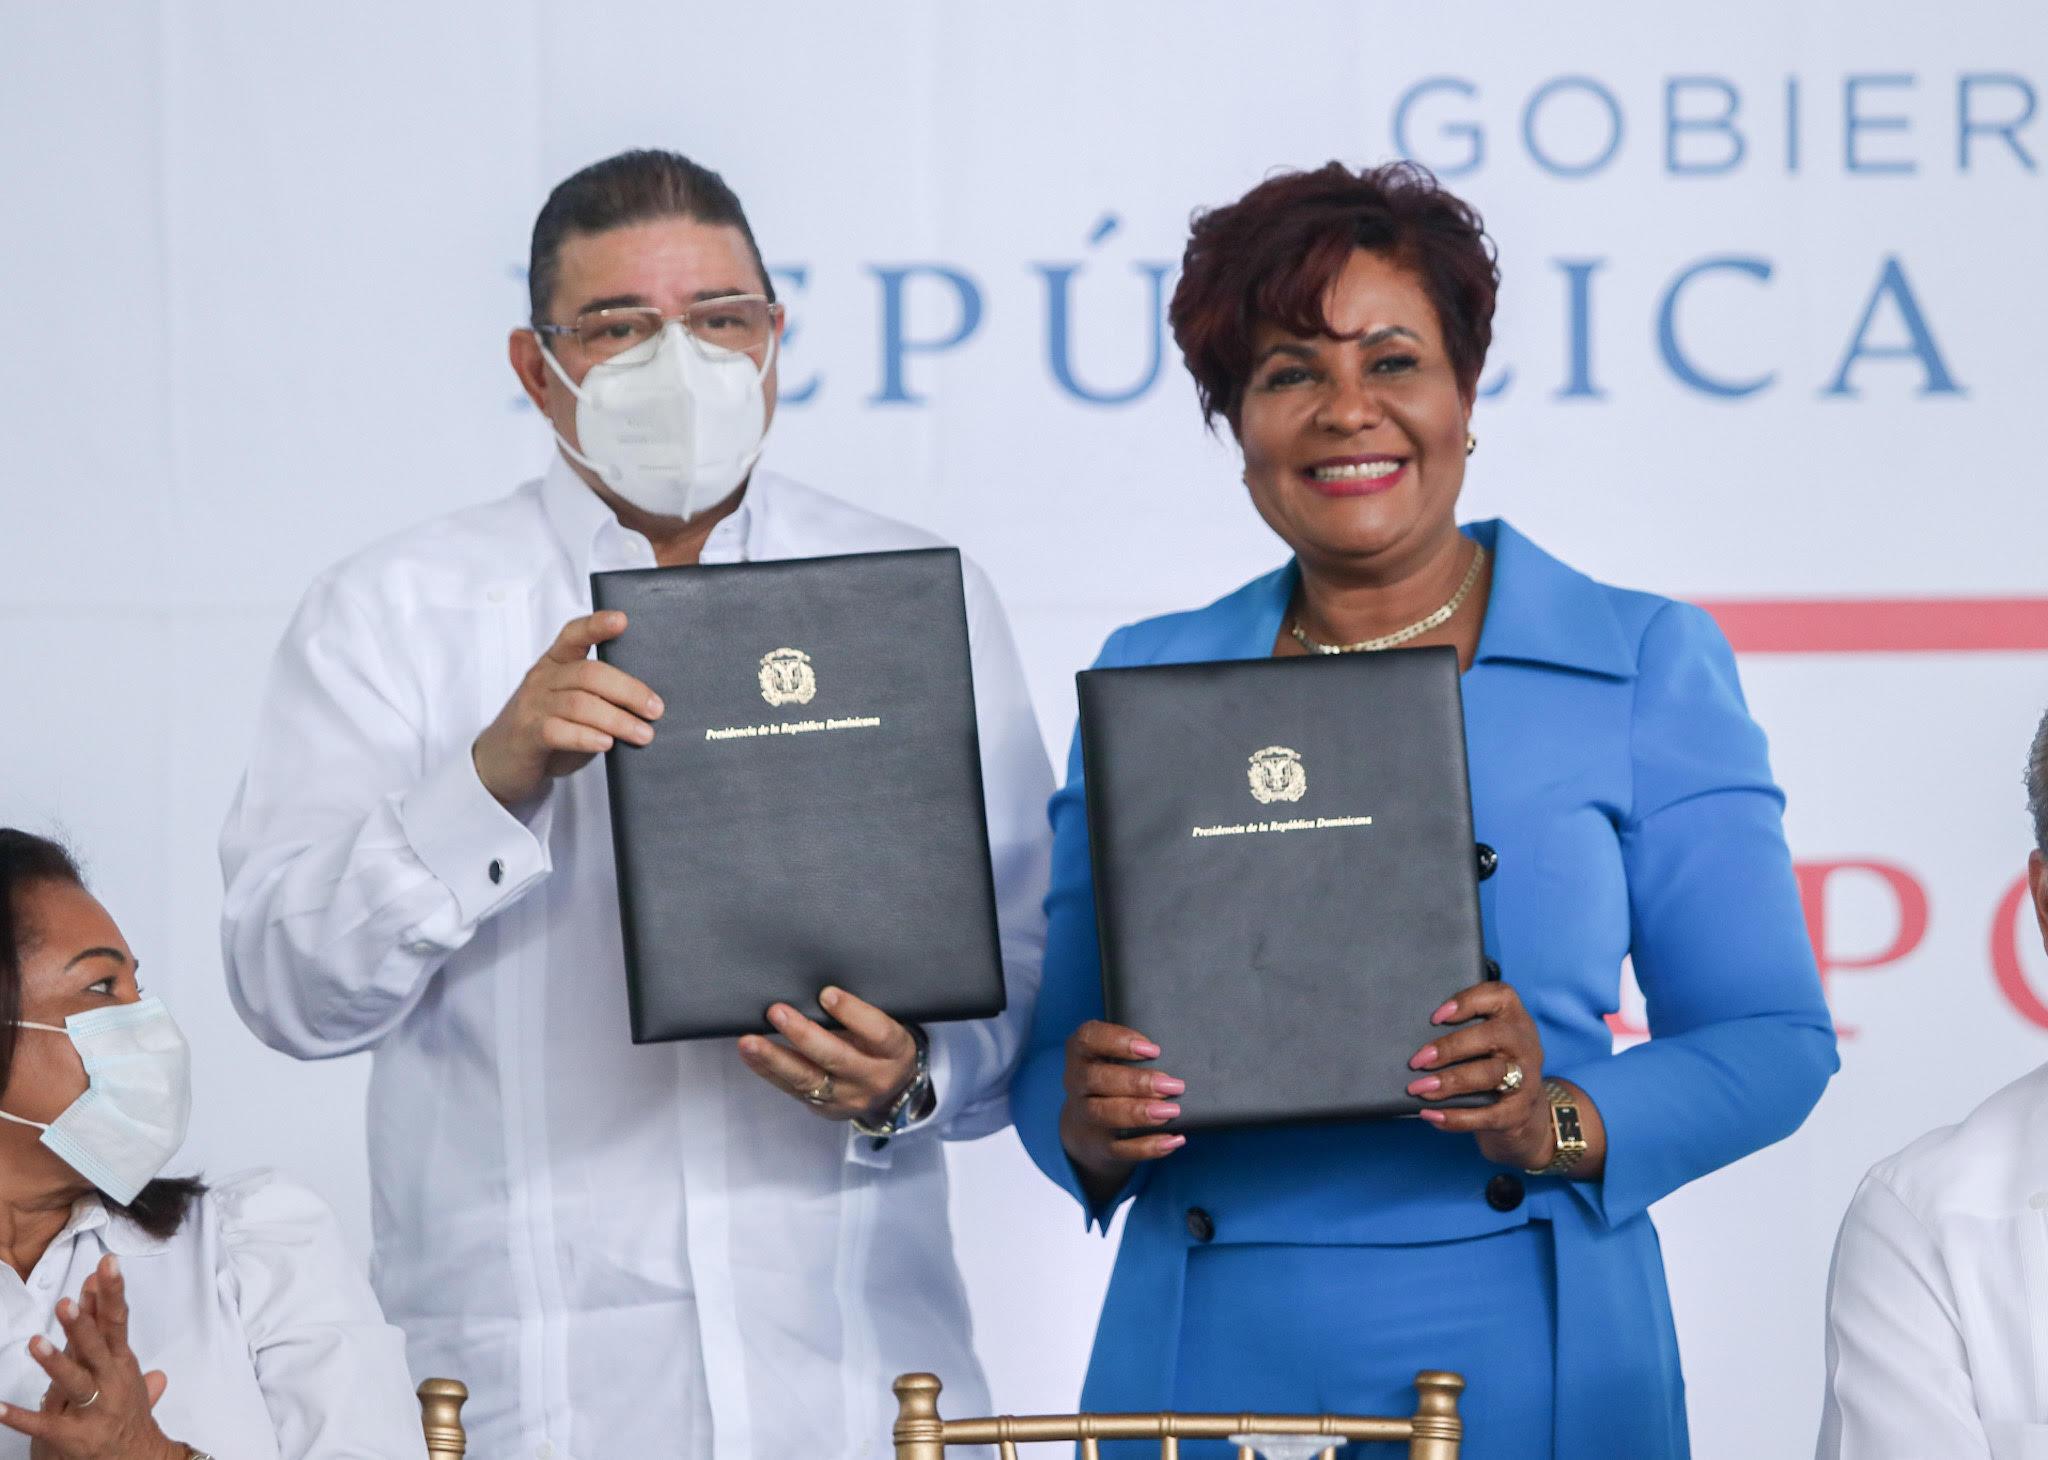 Francisco Camacho, ninistro de Deportes, y Josefa Castillo, superintendente de Seguros, luego de firmar el acuerdo de traspaso de la instalación.